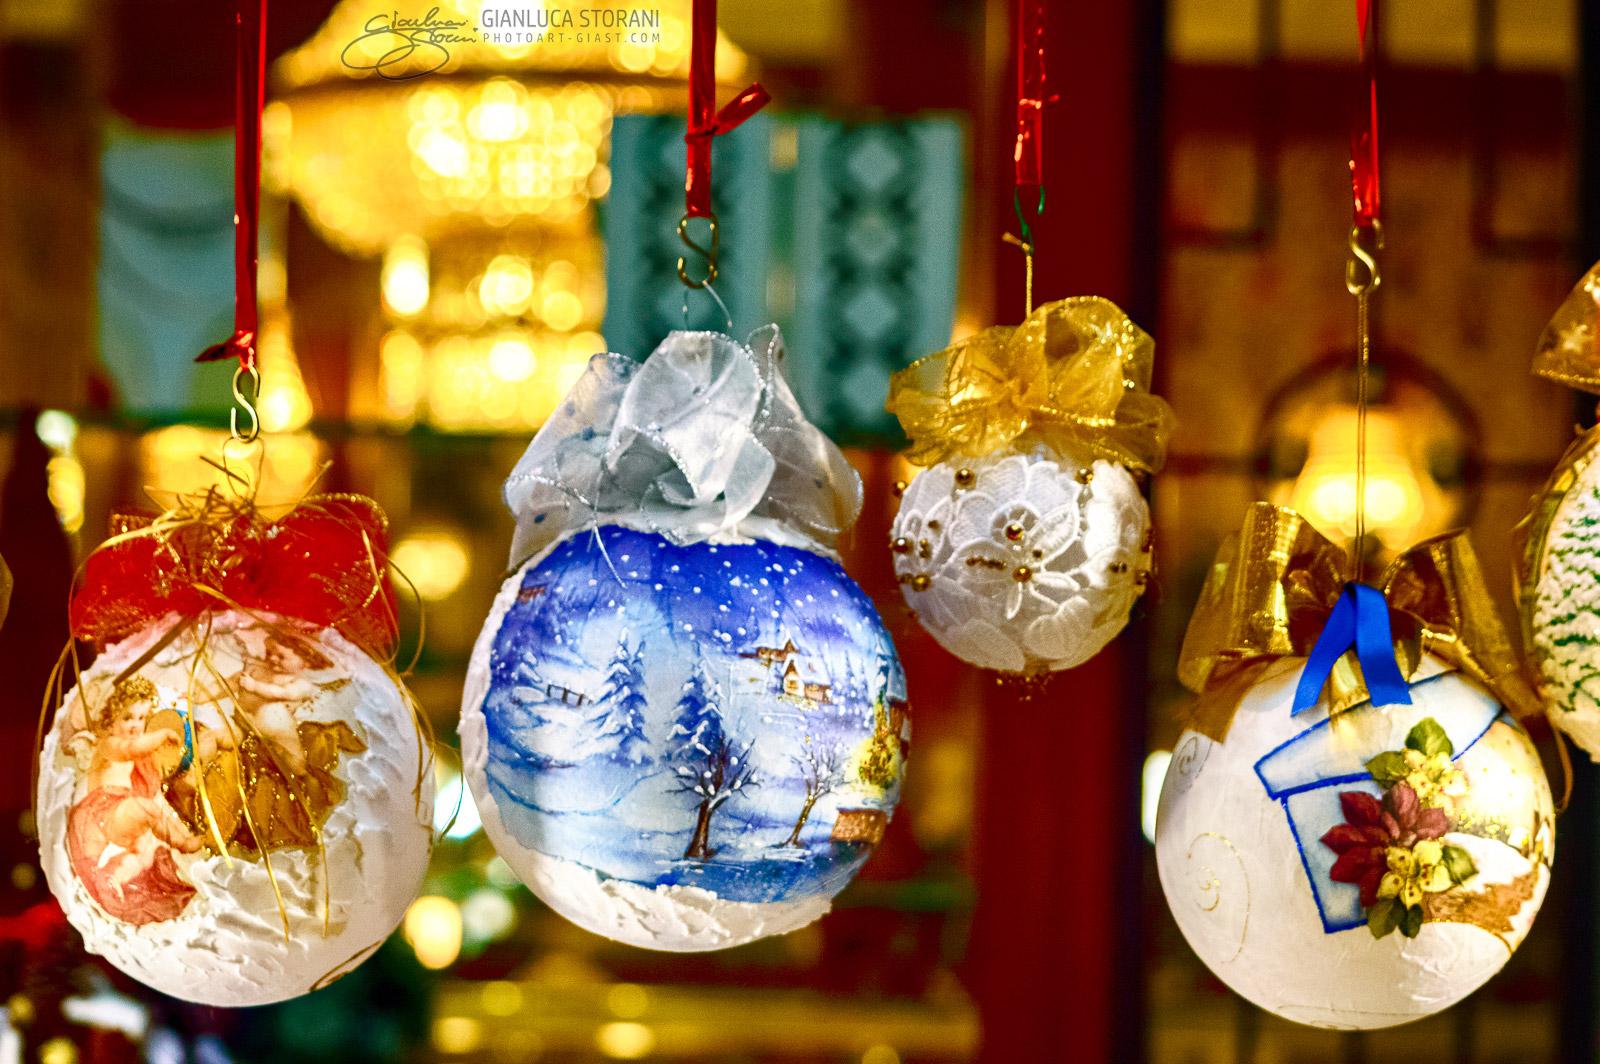 Il barattolo di Natale - Gianluca Storani Photo Art (ID: 4-6999)